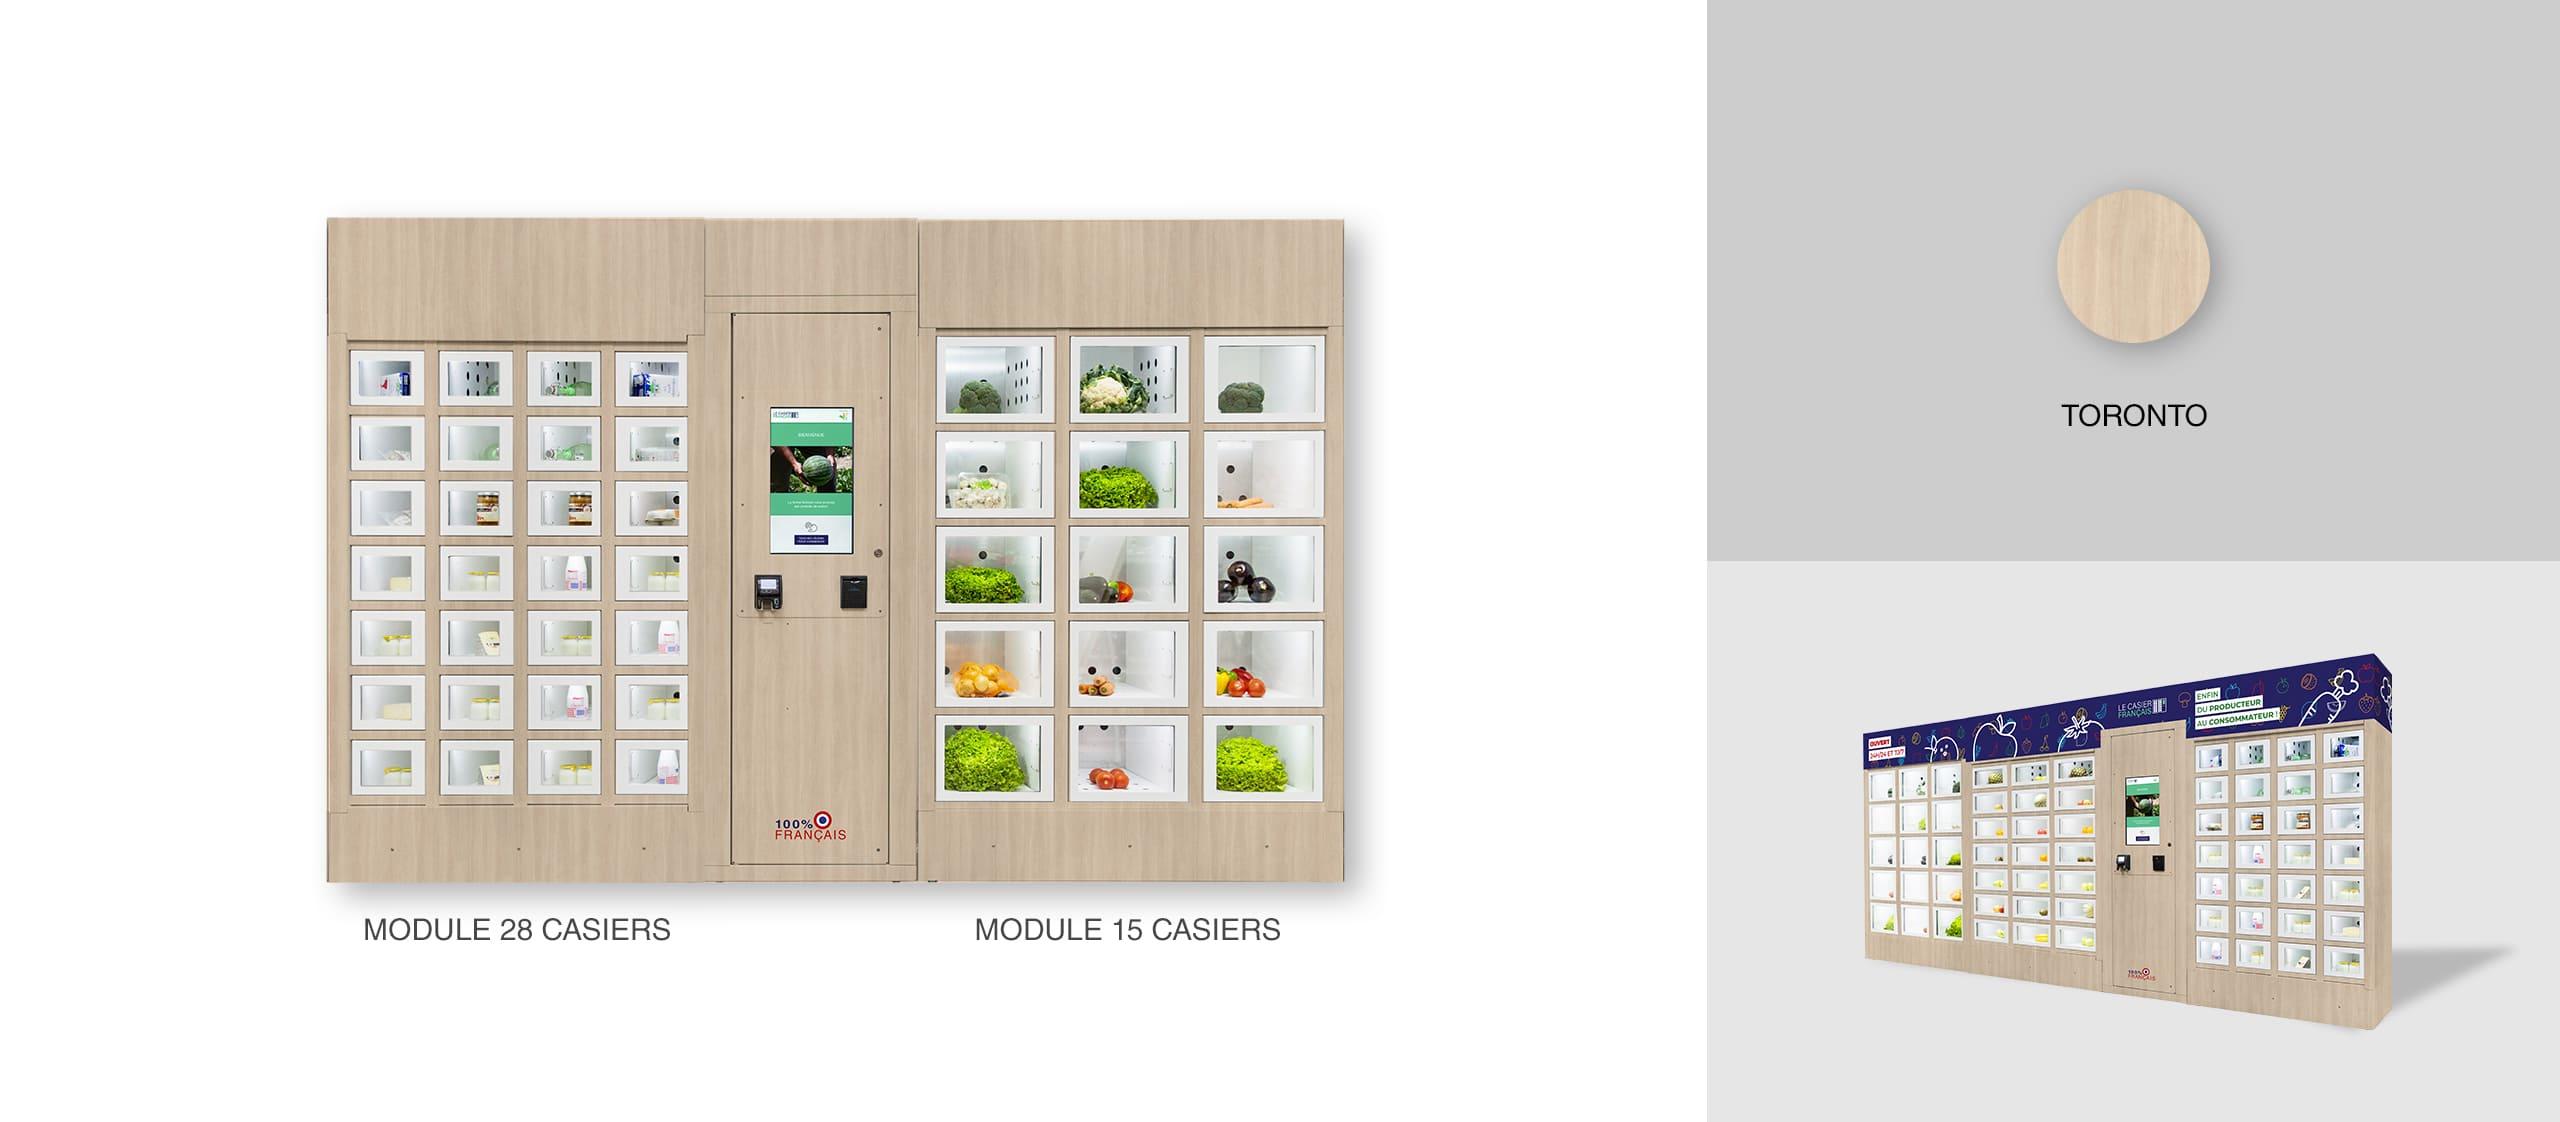 Habillage Toronto pour un distributeur automatique Le Casier Français